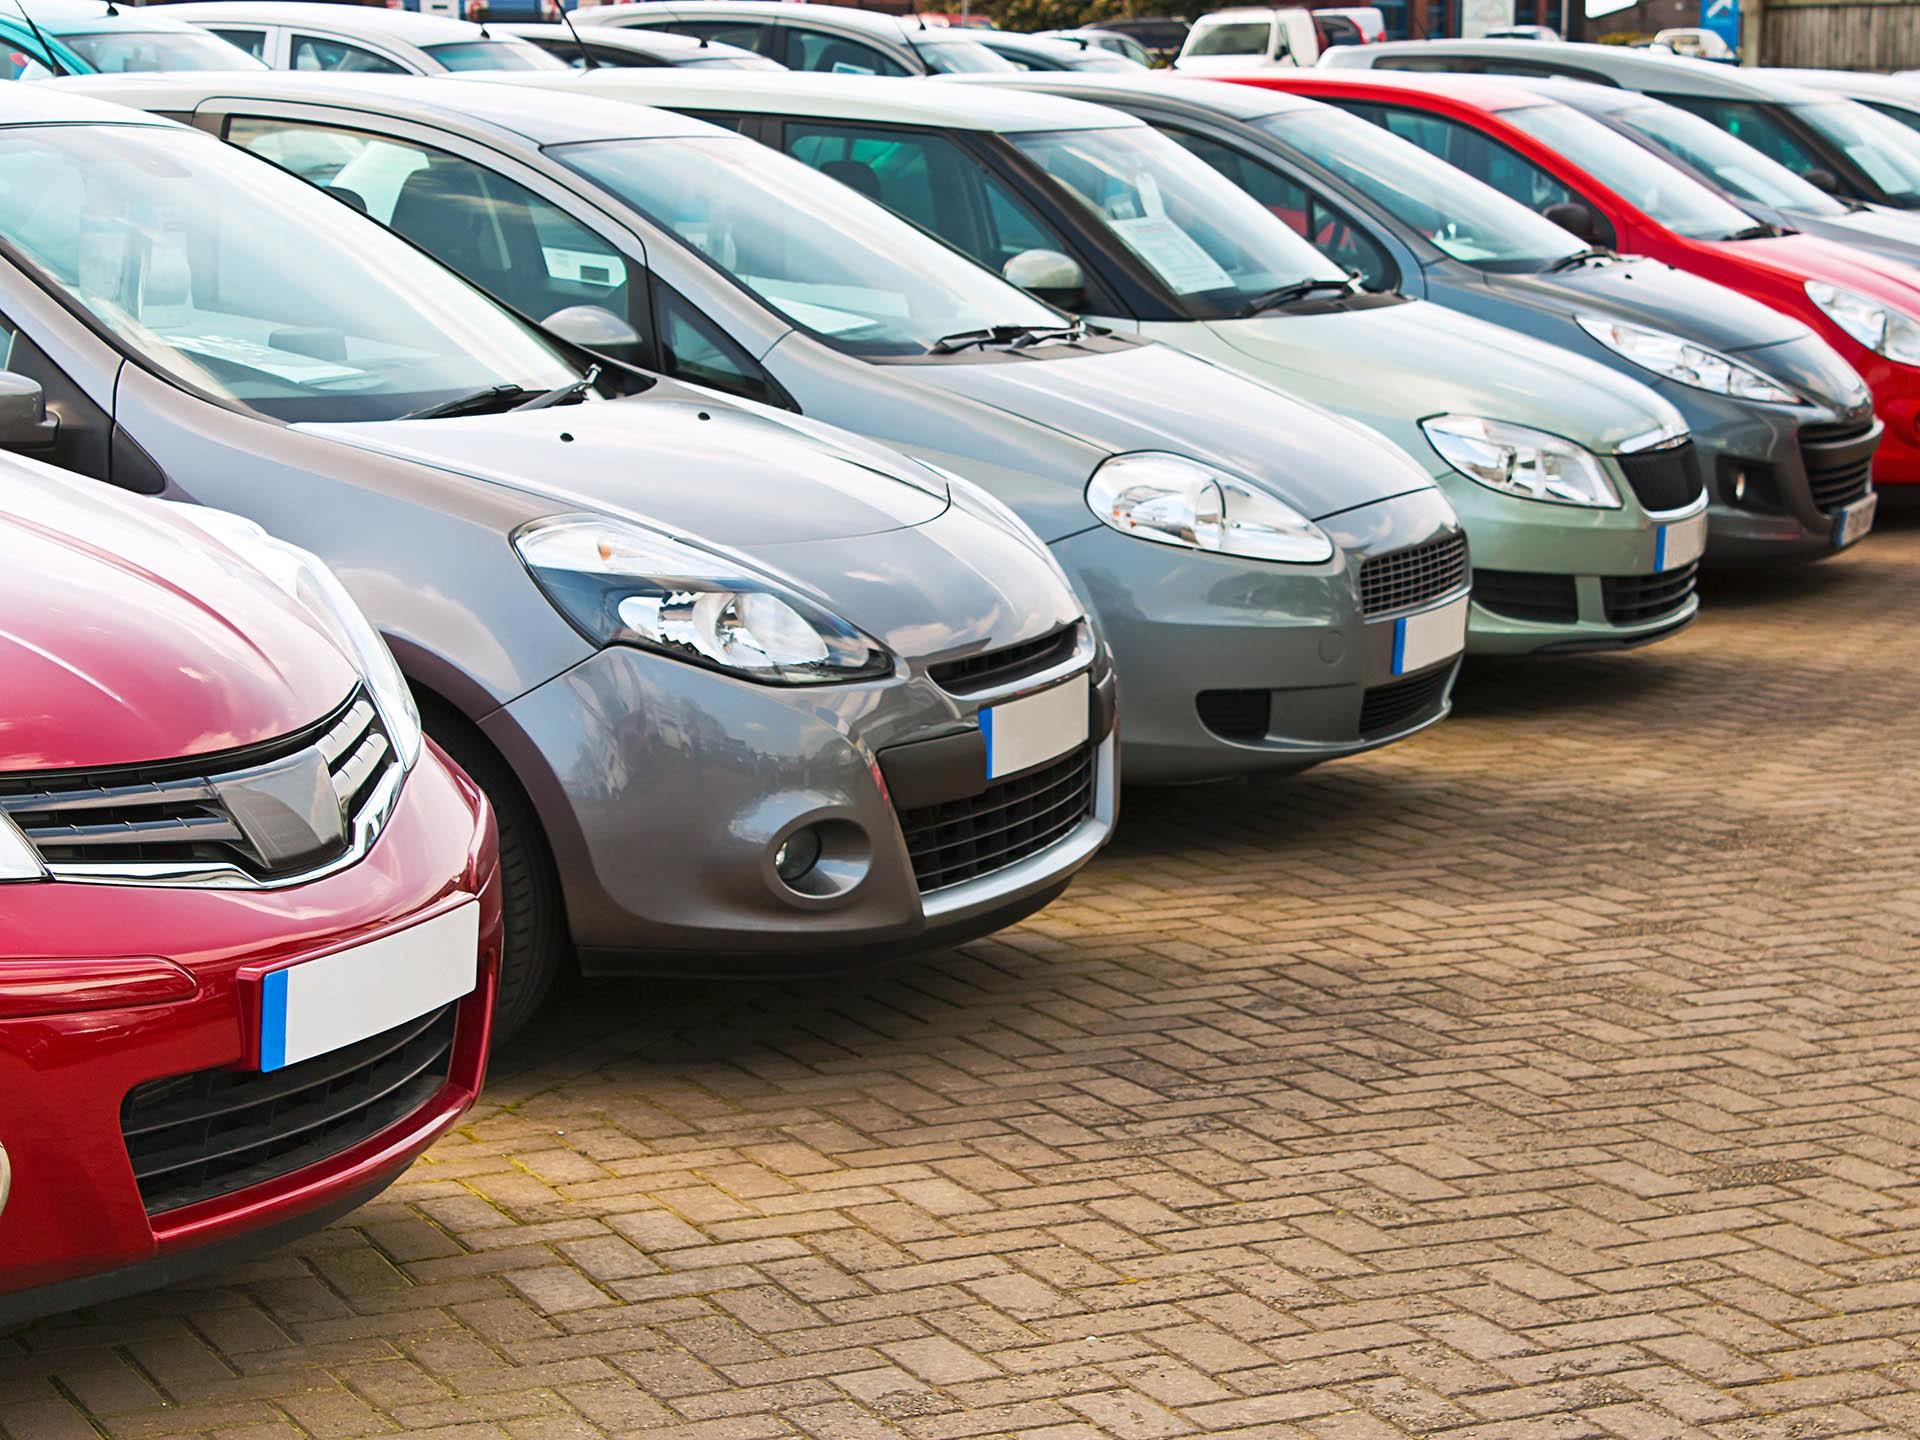 Белый – новый черный: эксперты Авито Авто выяснили, как изменились предпочтения россиян при выборе цвета автомобиля